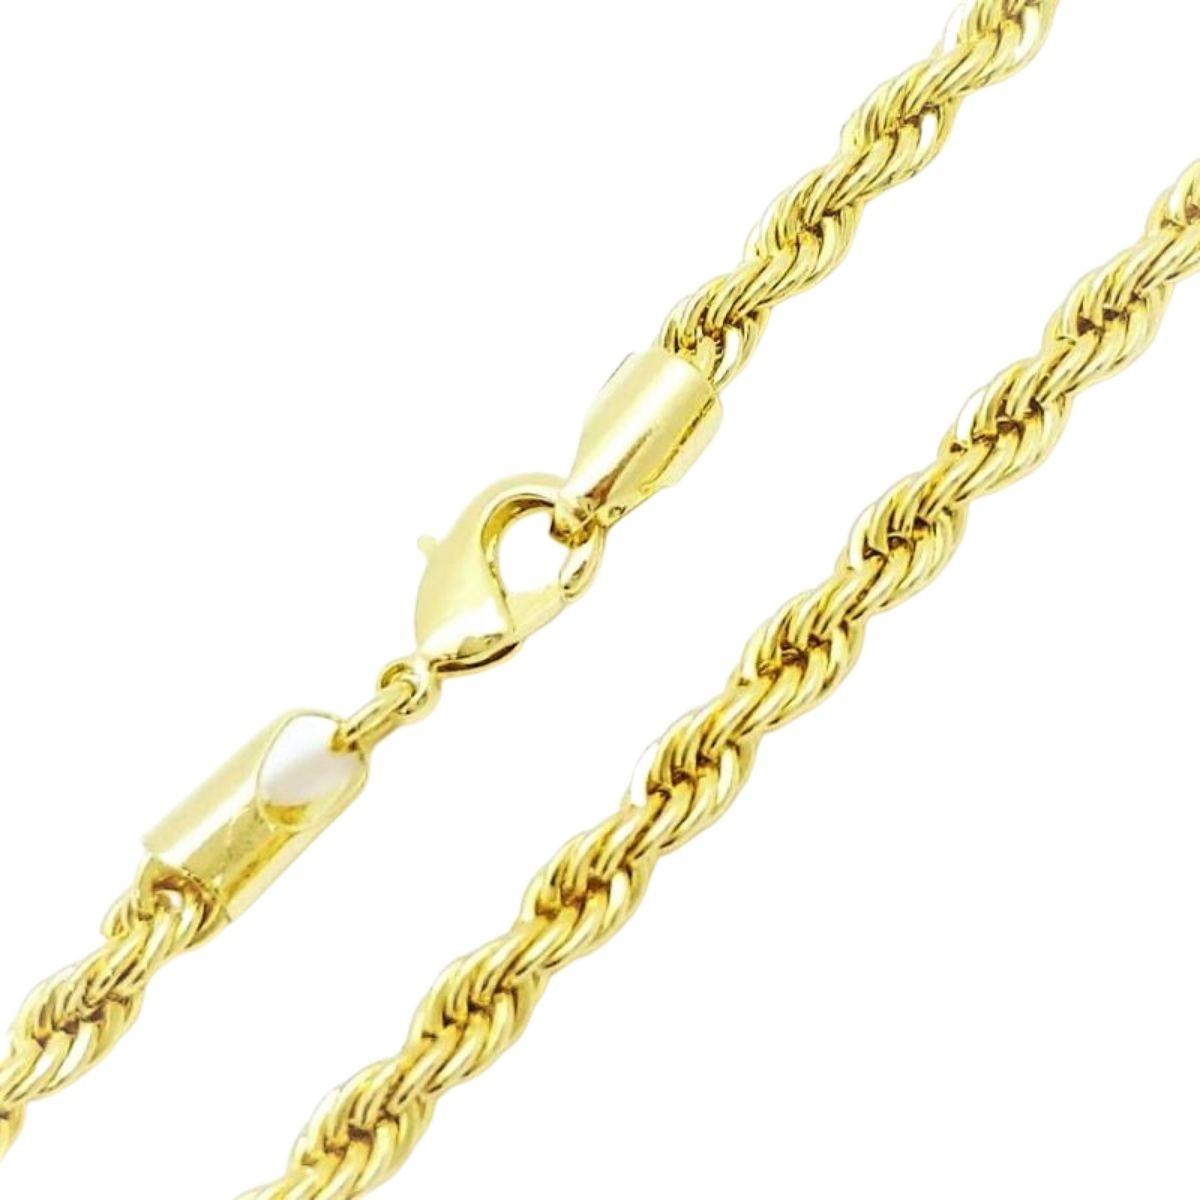 Colar Cordão Baiano 2,4mm 50cm Banho De Ouro 18k 586